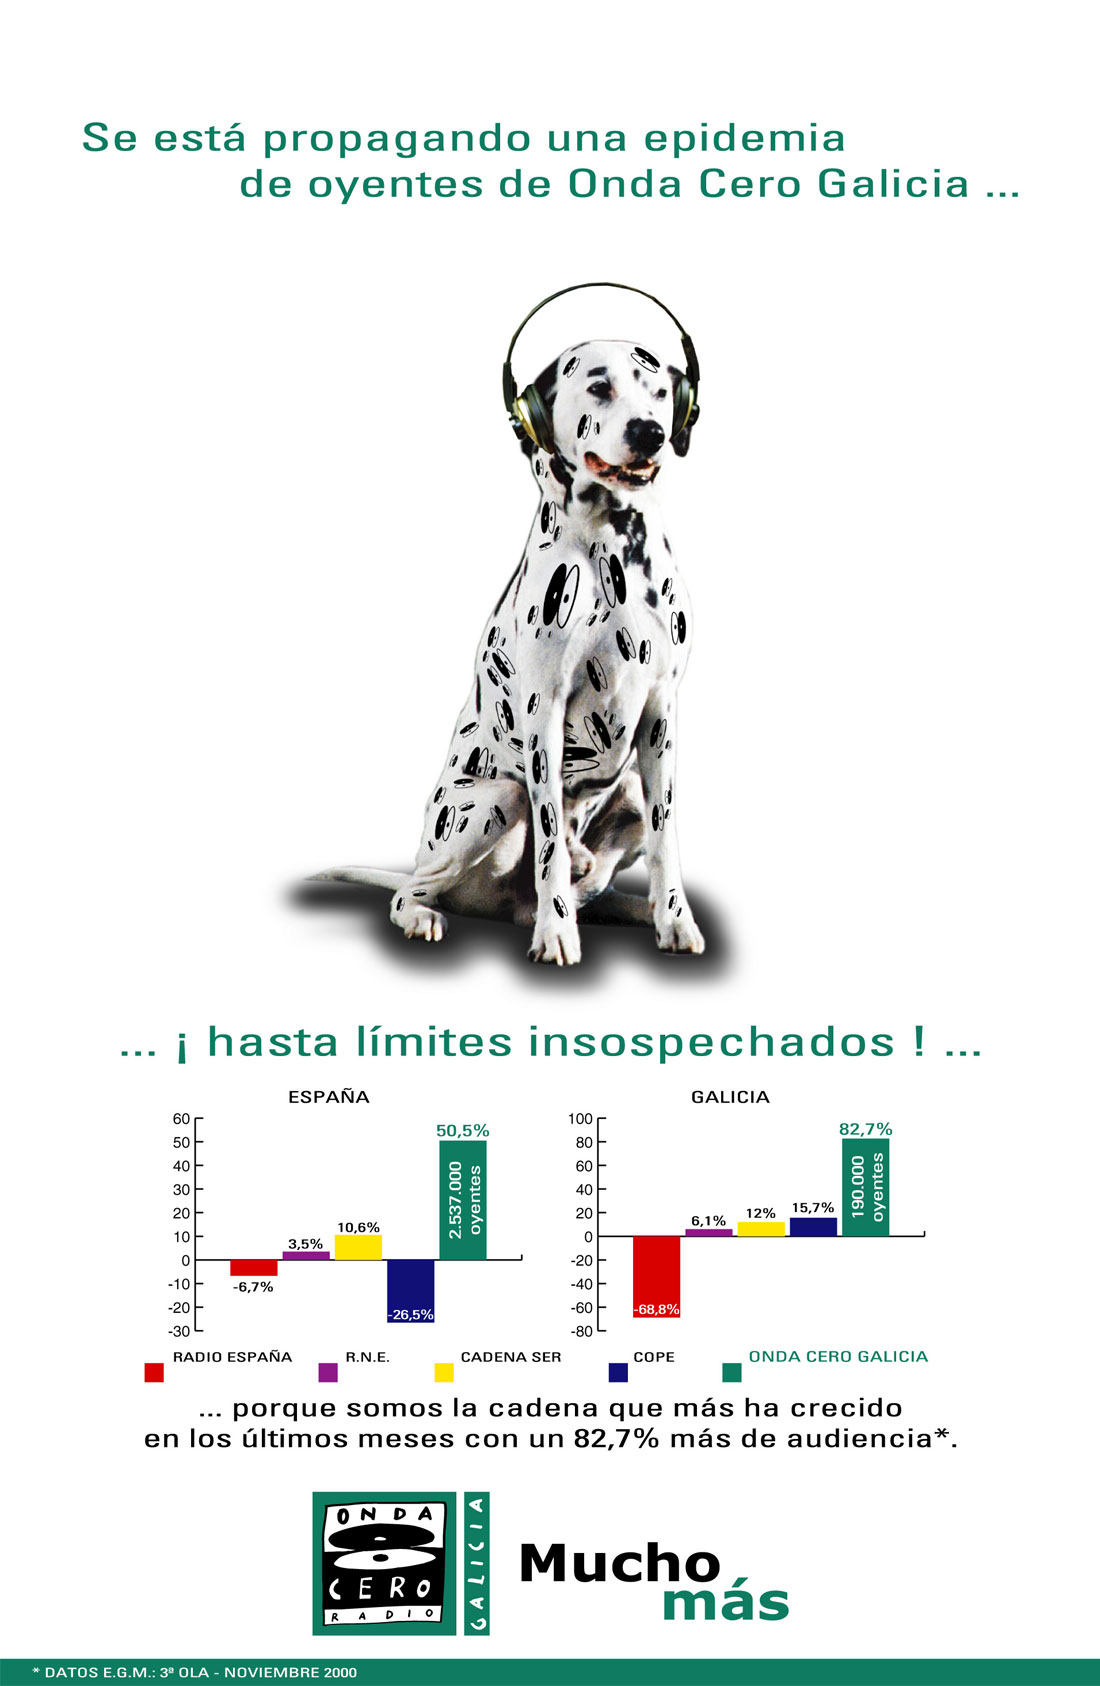 anuncio-publicidad-coruna-vigo-oskinha.es